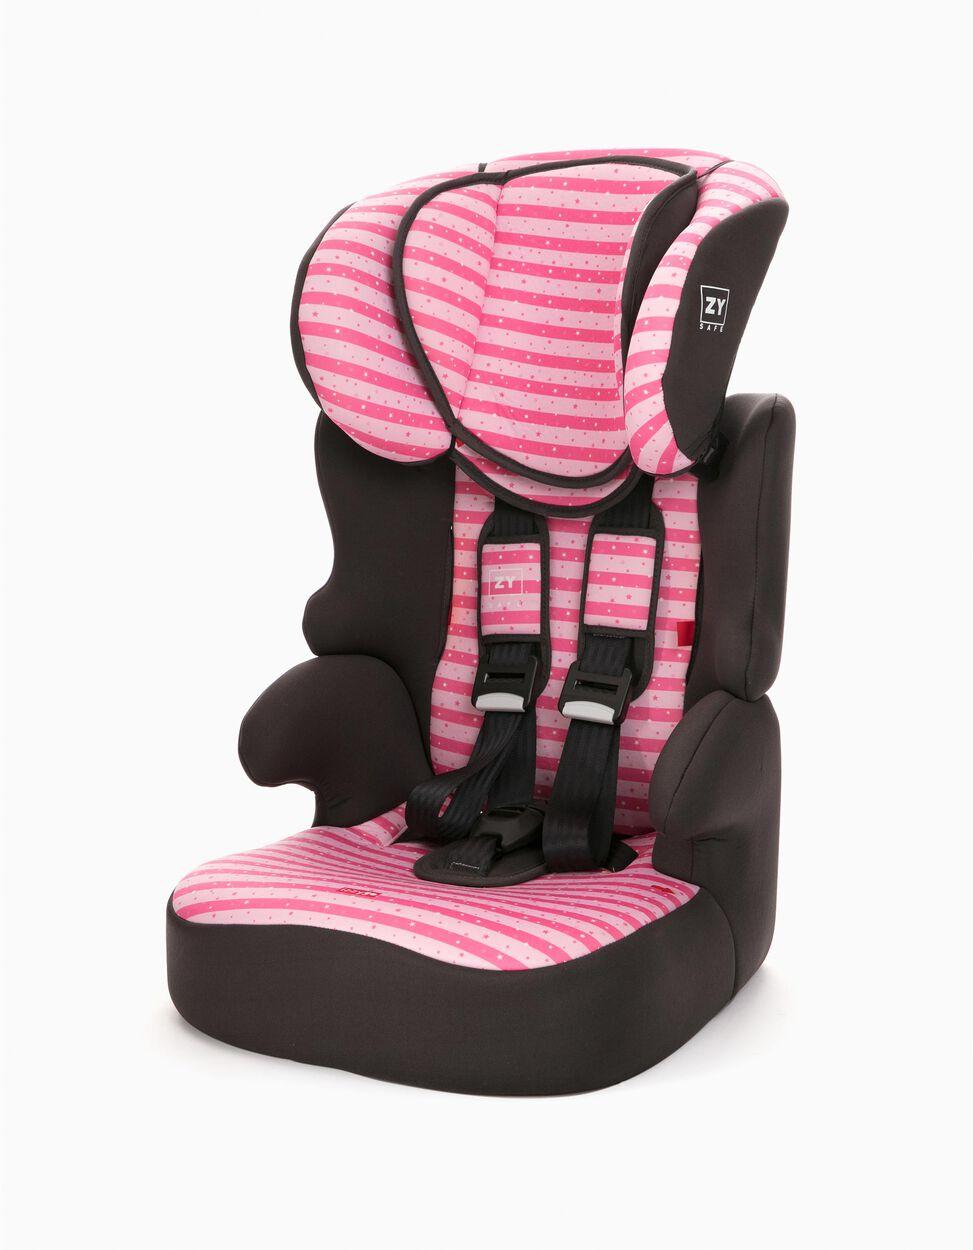 Cadeira Auto Gr 1/2/3 Izzygo Plus Zy Safe Stars Pink